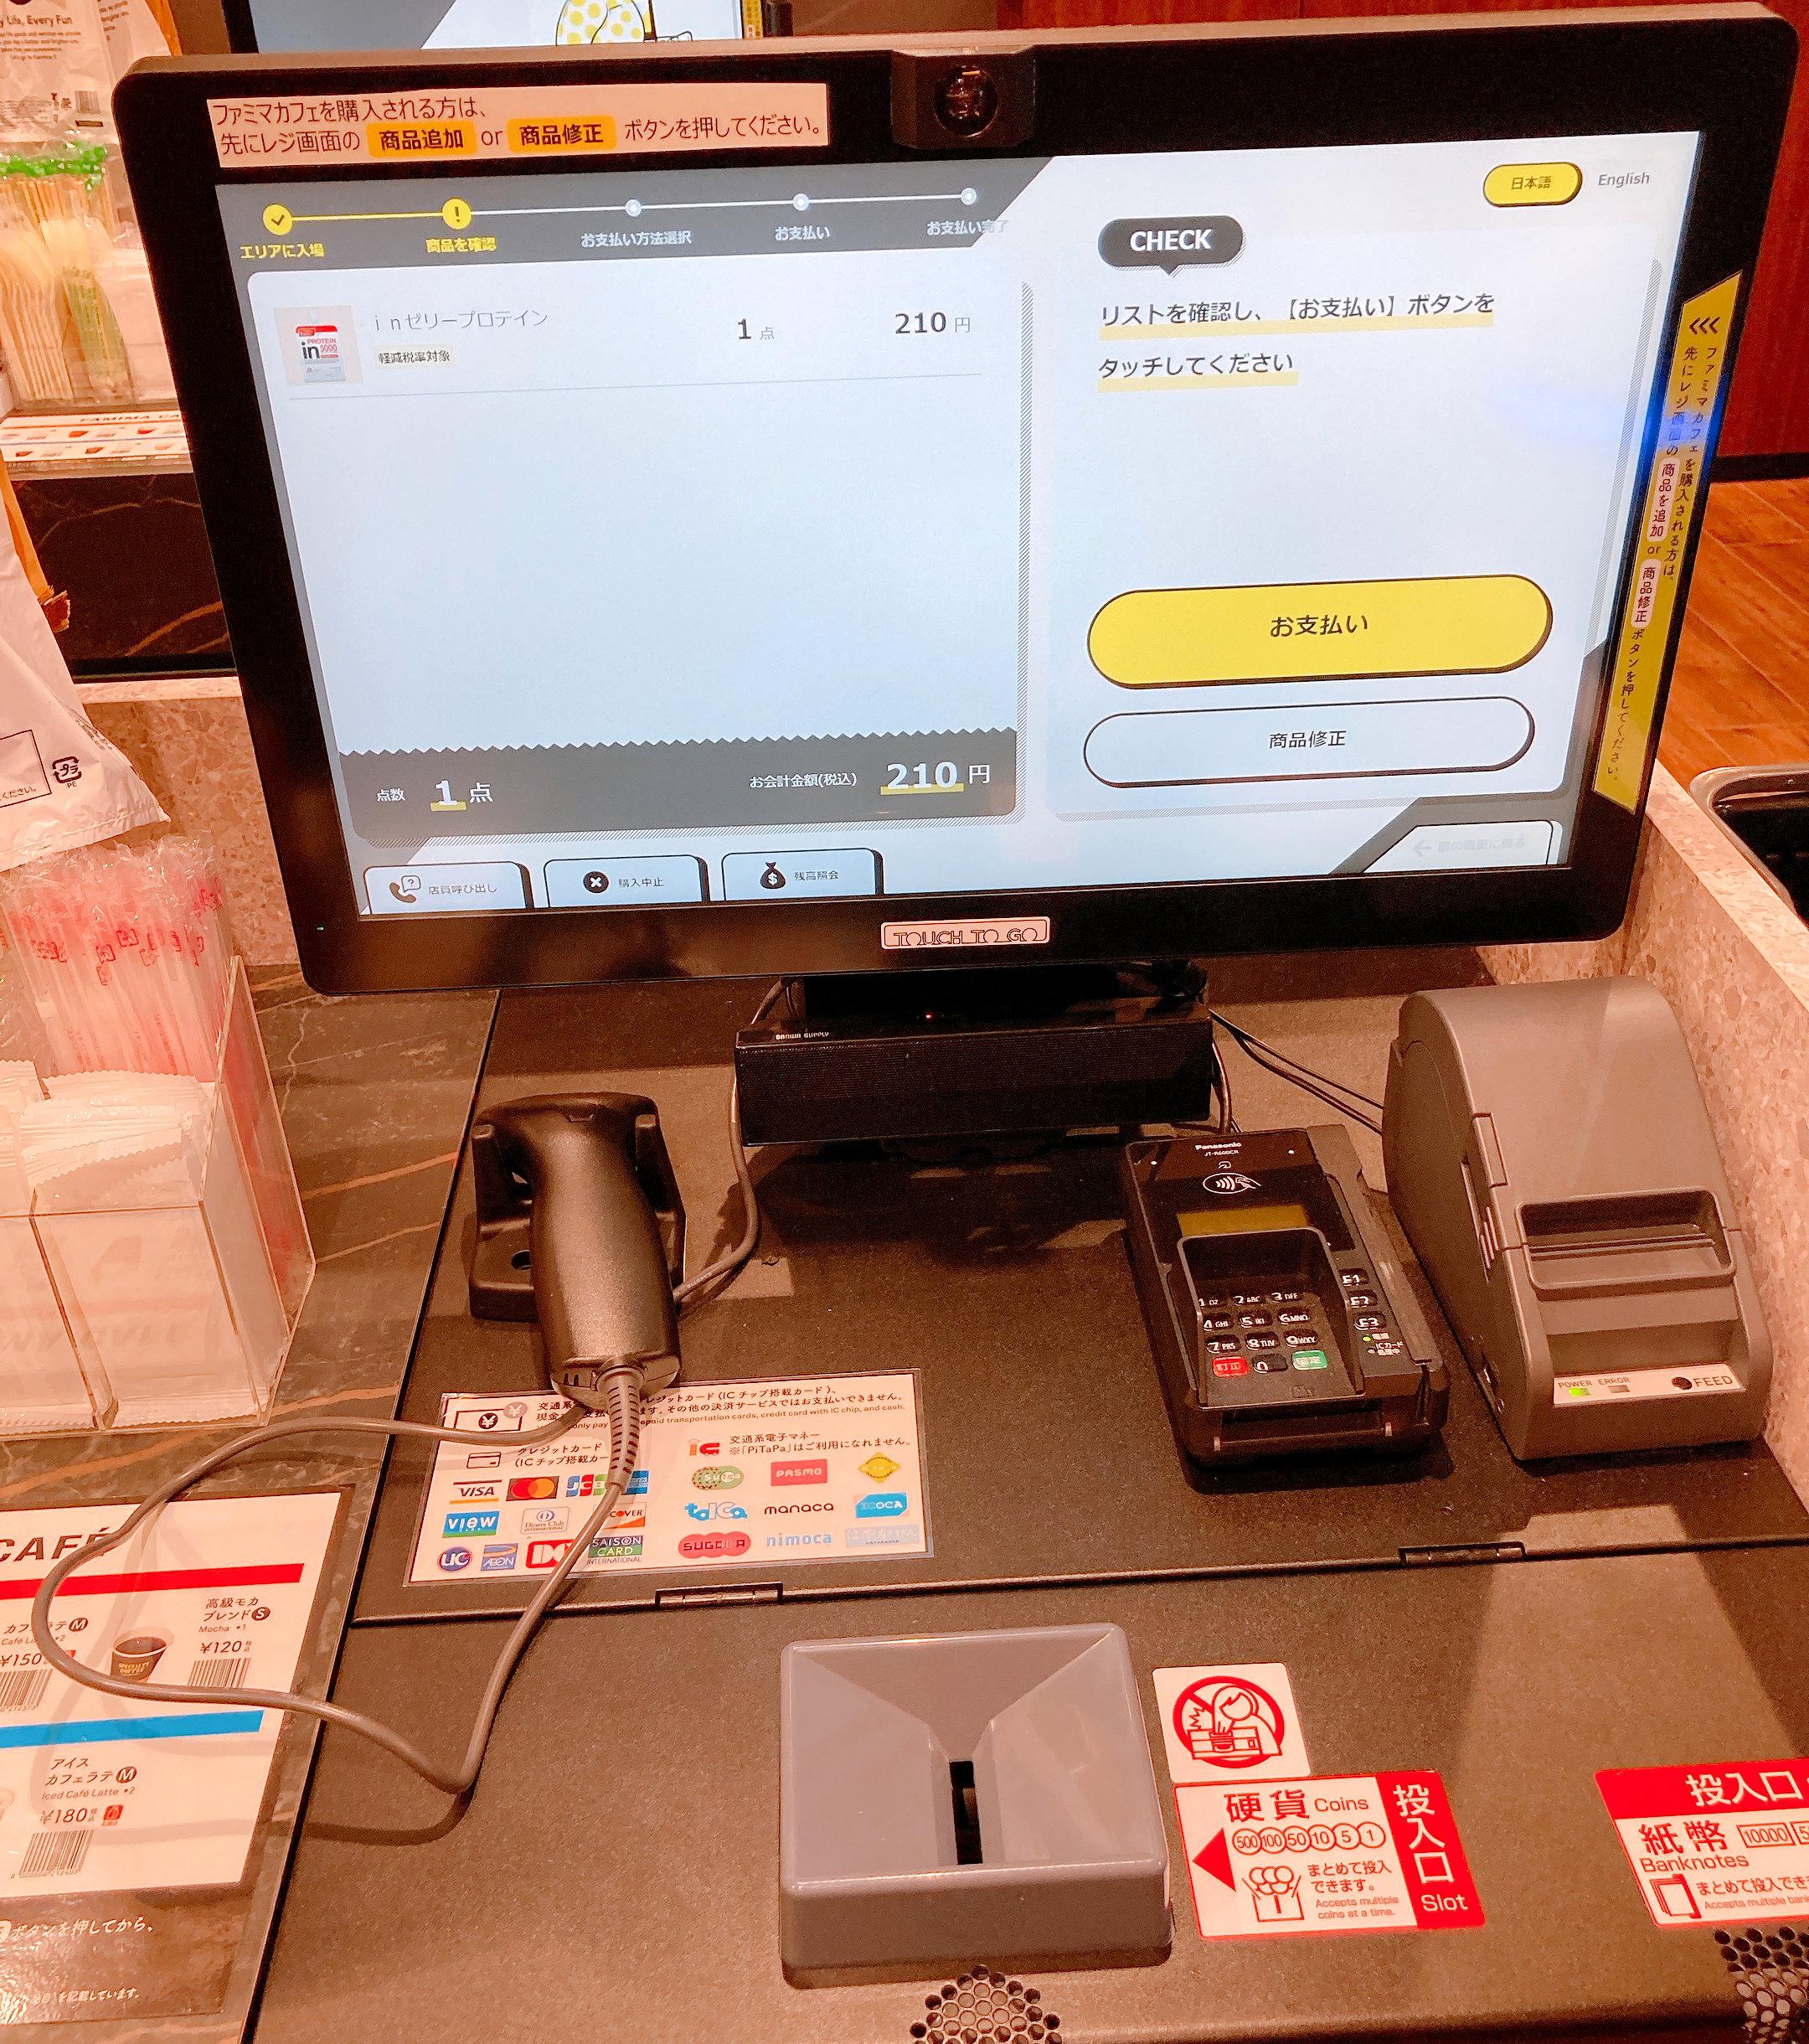 """Trải nghiệm mua sắm tại """"cửa hàng tiện lợi không nhân viên"""" đầu tiên được ứng dụng tại Nhật Bản - Ảnh 6."""